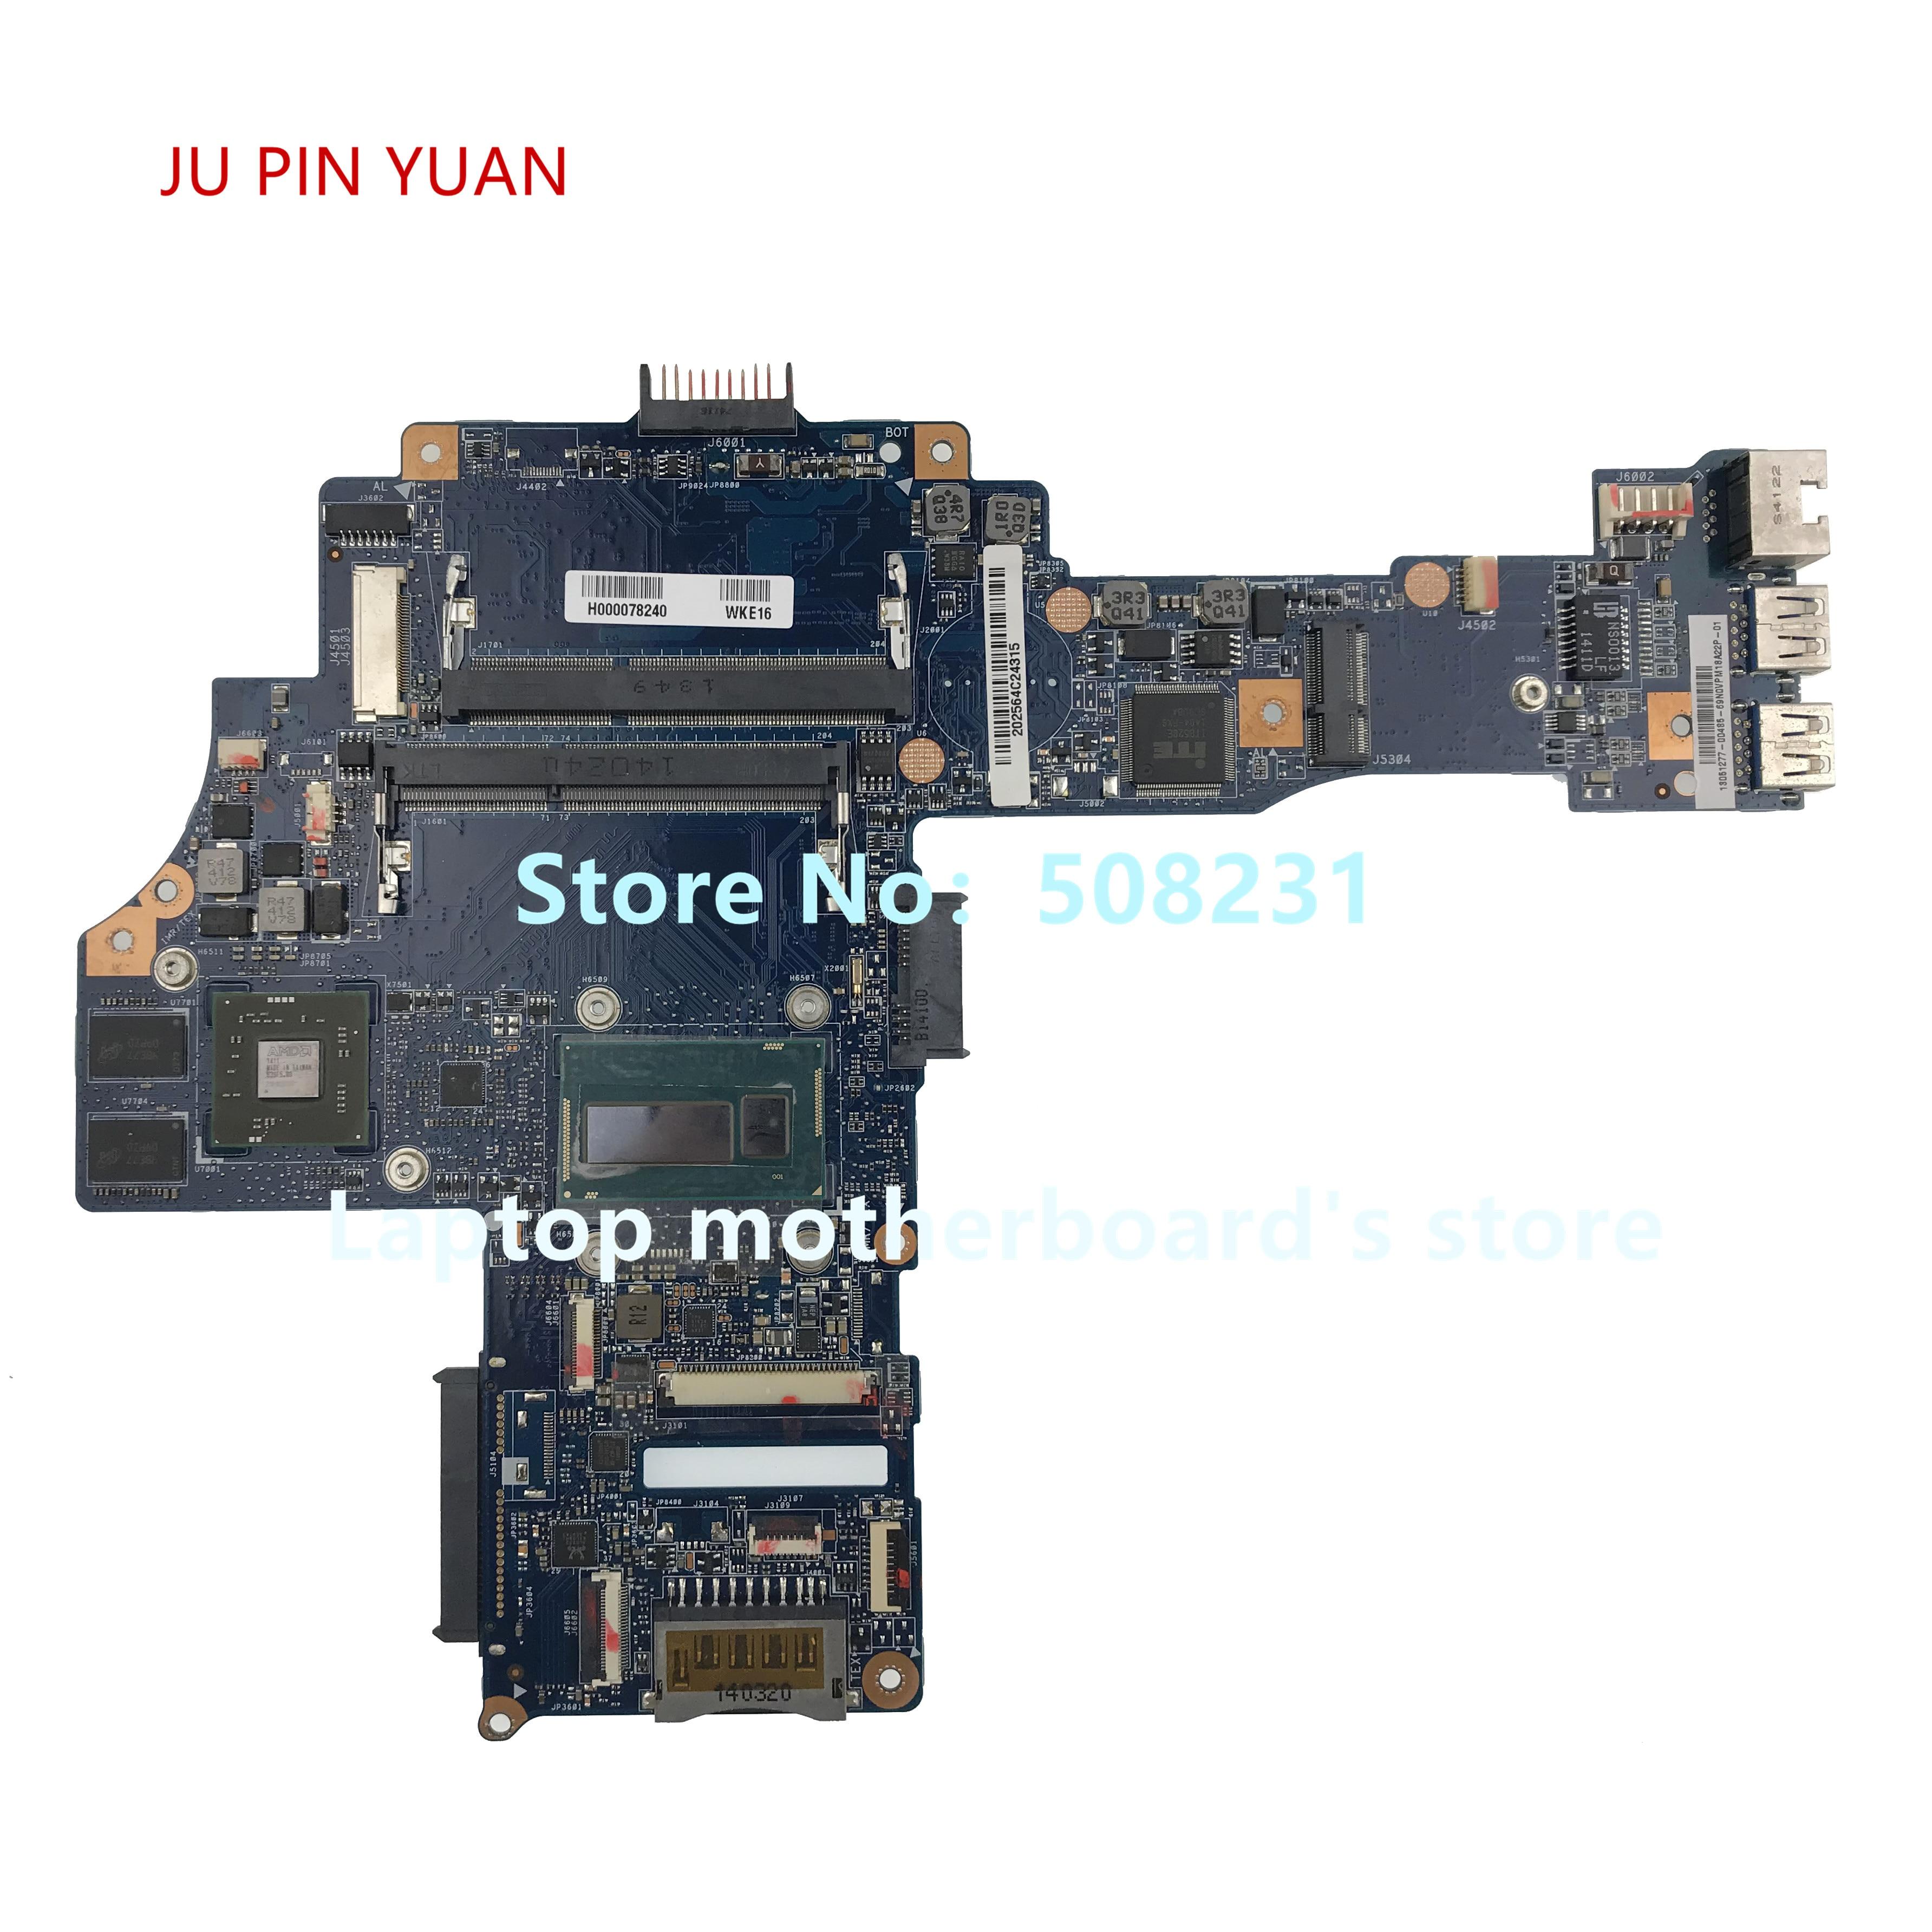 Placa Base H000078240 Toshiba Satellite E45T-B4200 Para Ordenador Portátil Con I5-4200U CPU...